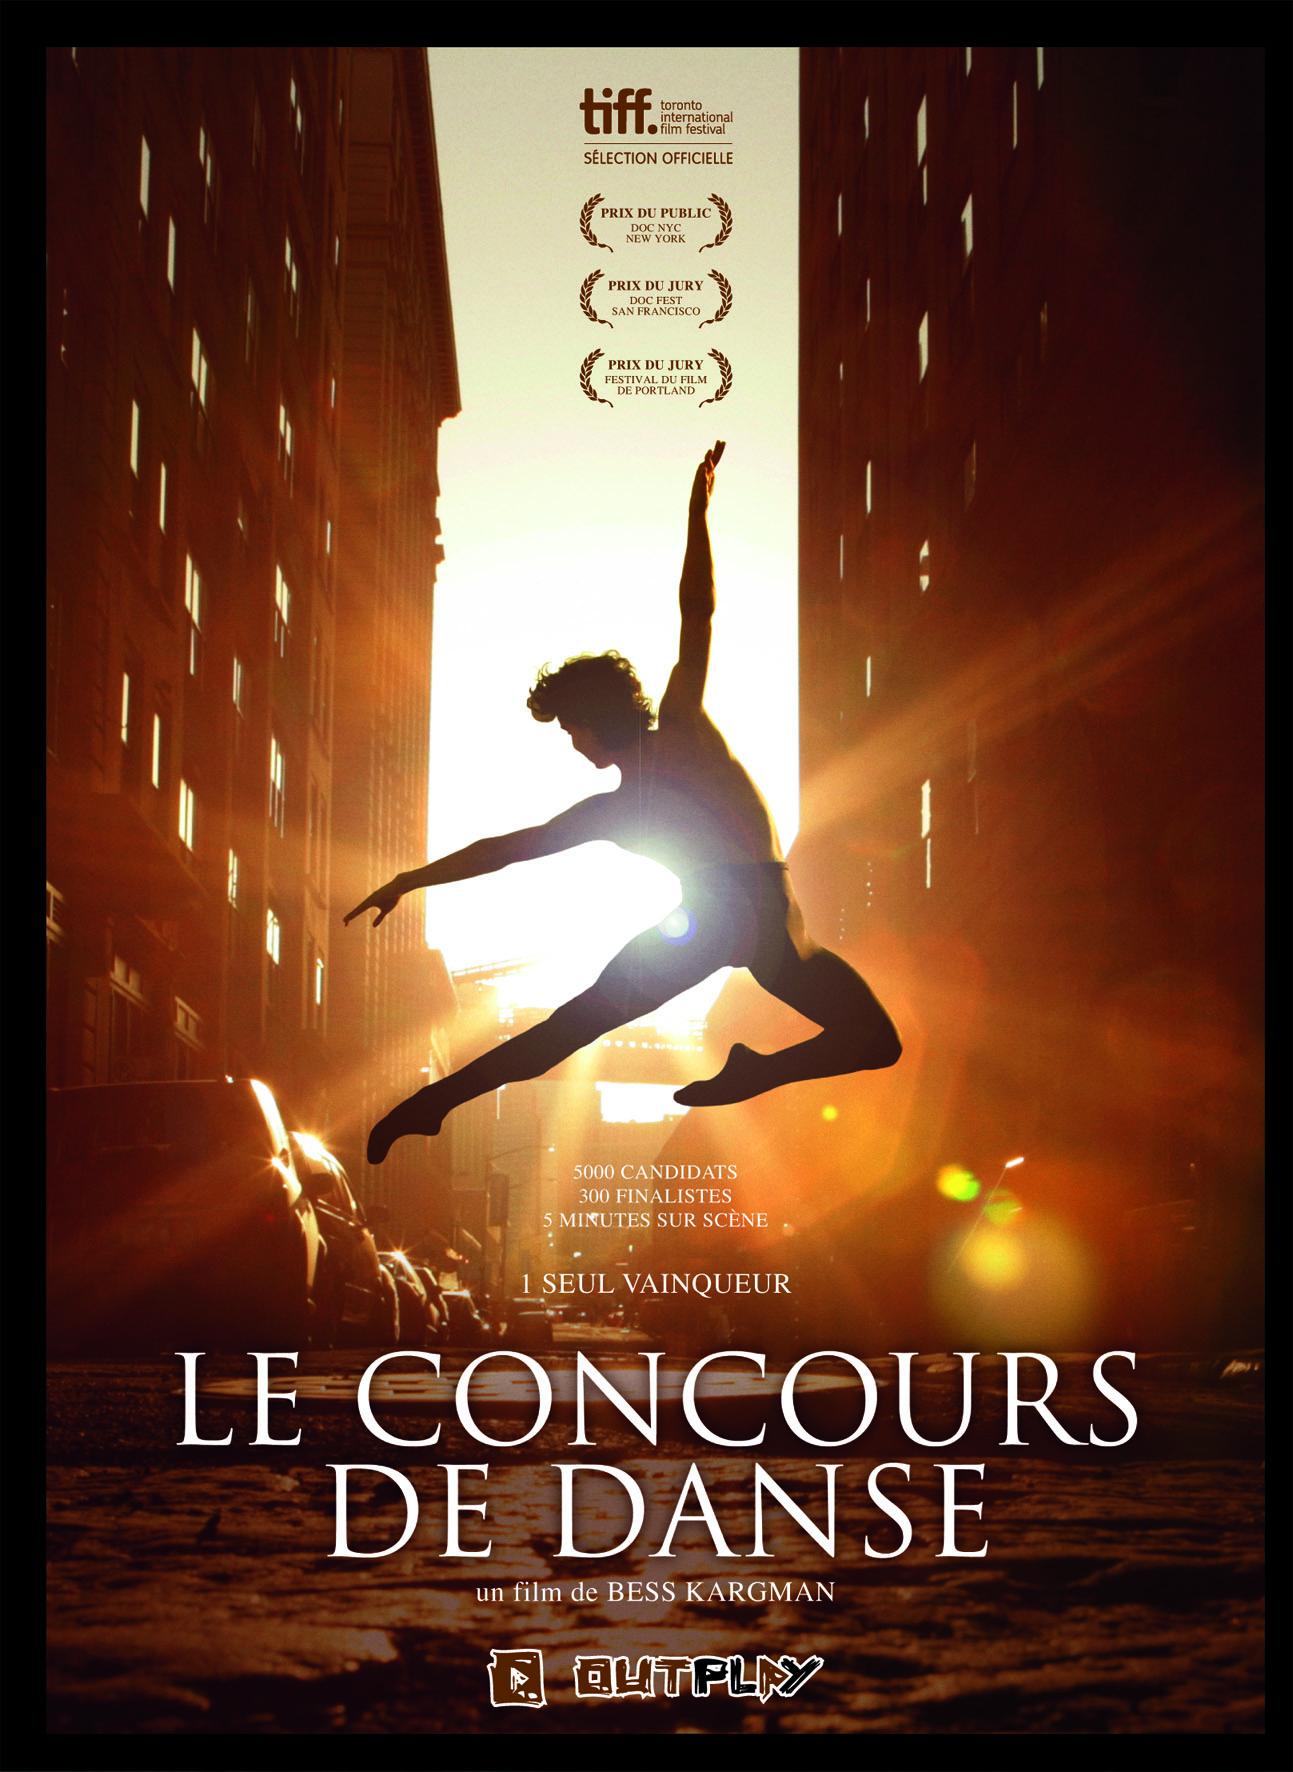 Le Concours de Danse